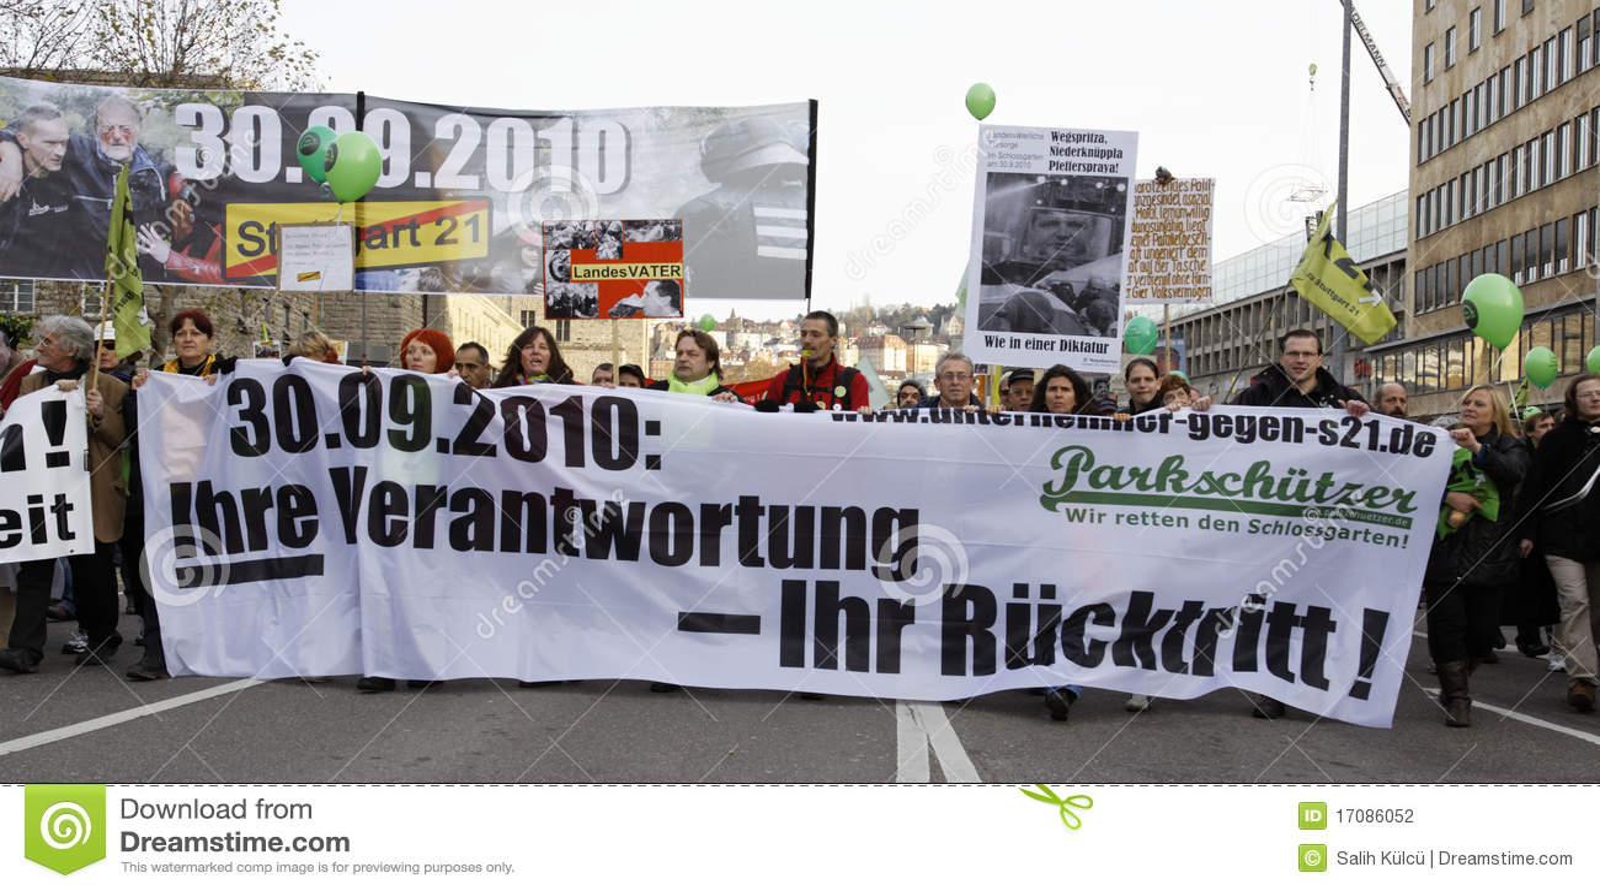 K21 Demonstration - Stuttgart